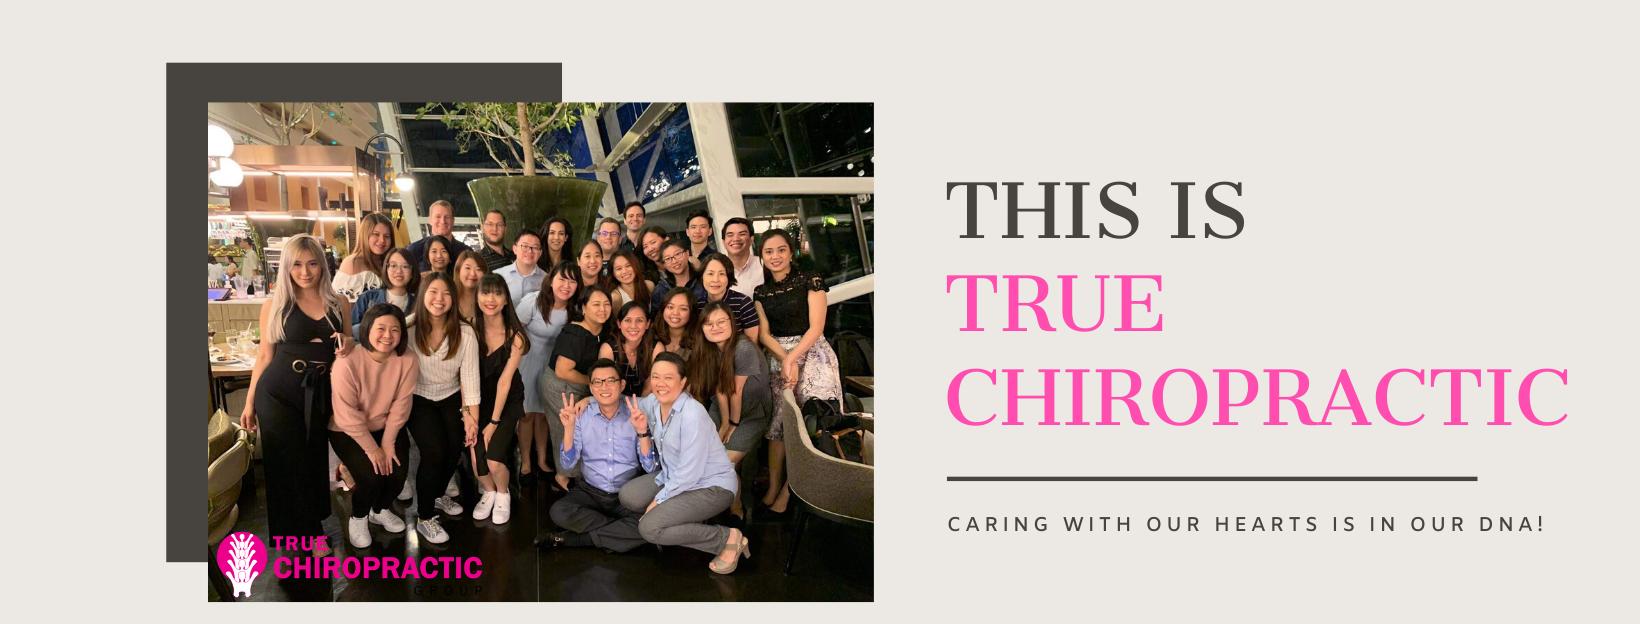 true-chiropractic-group-team